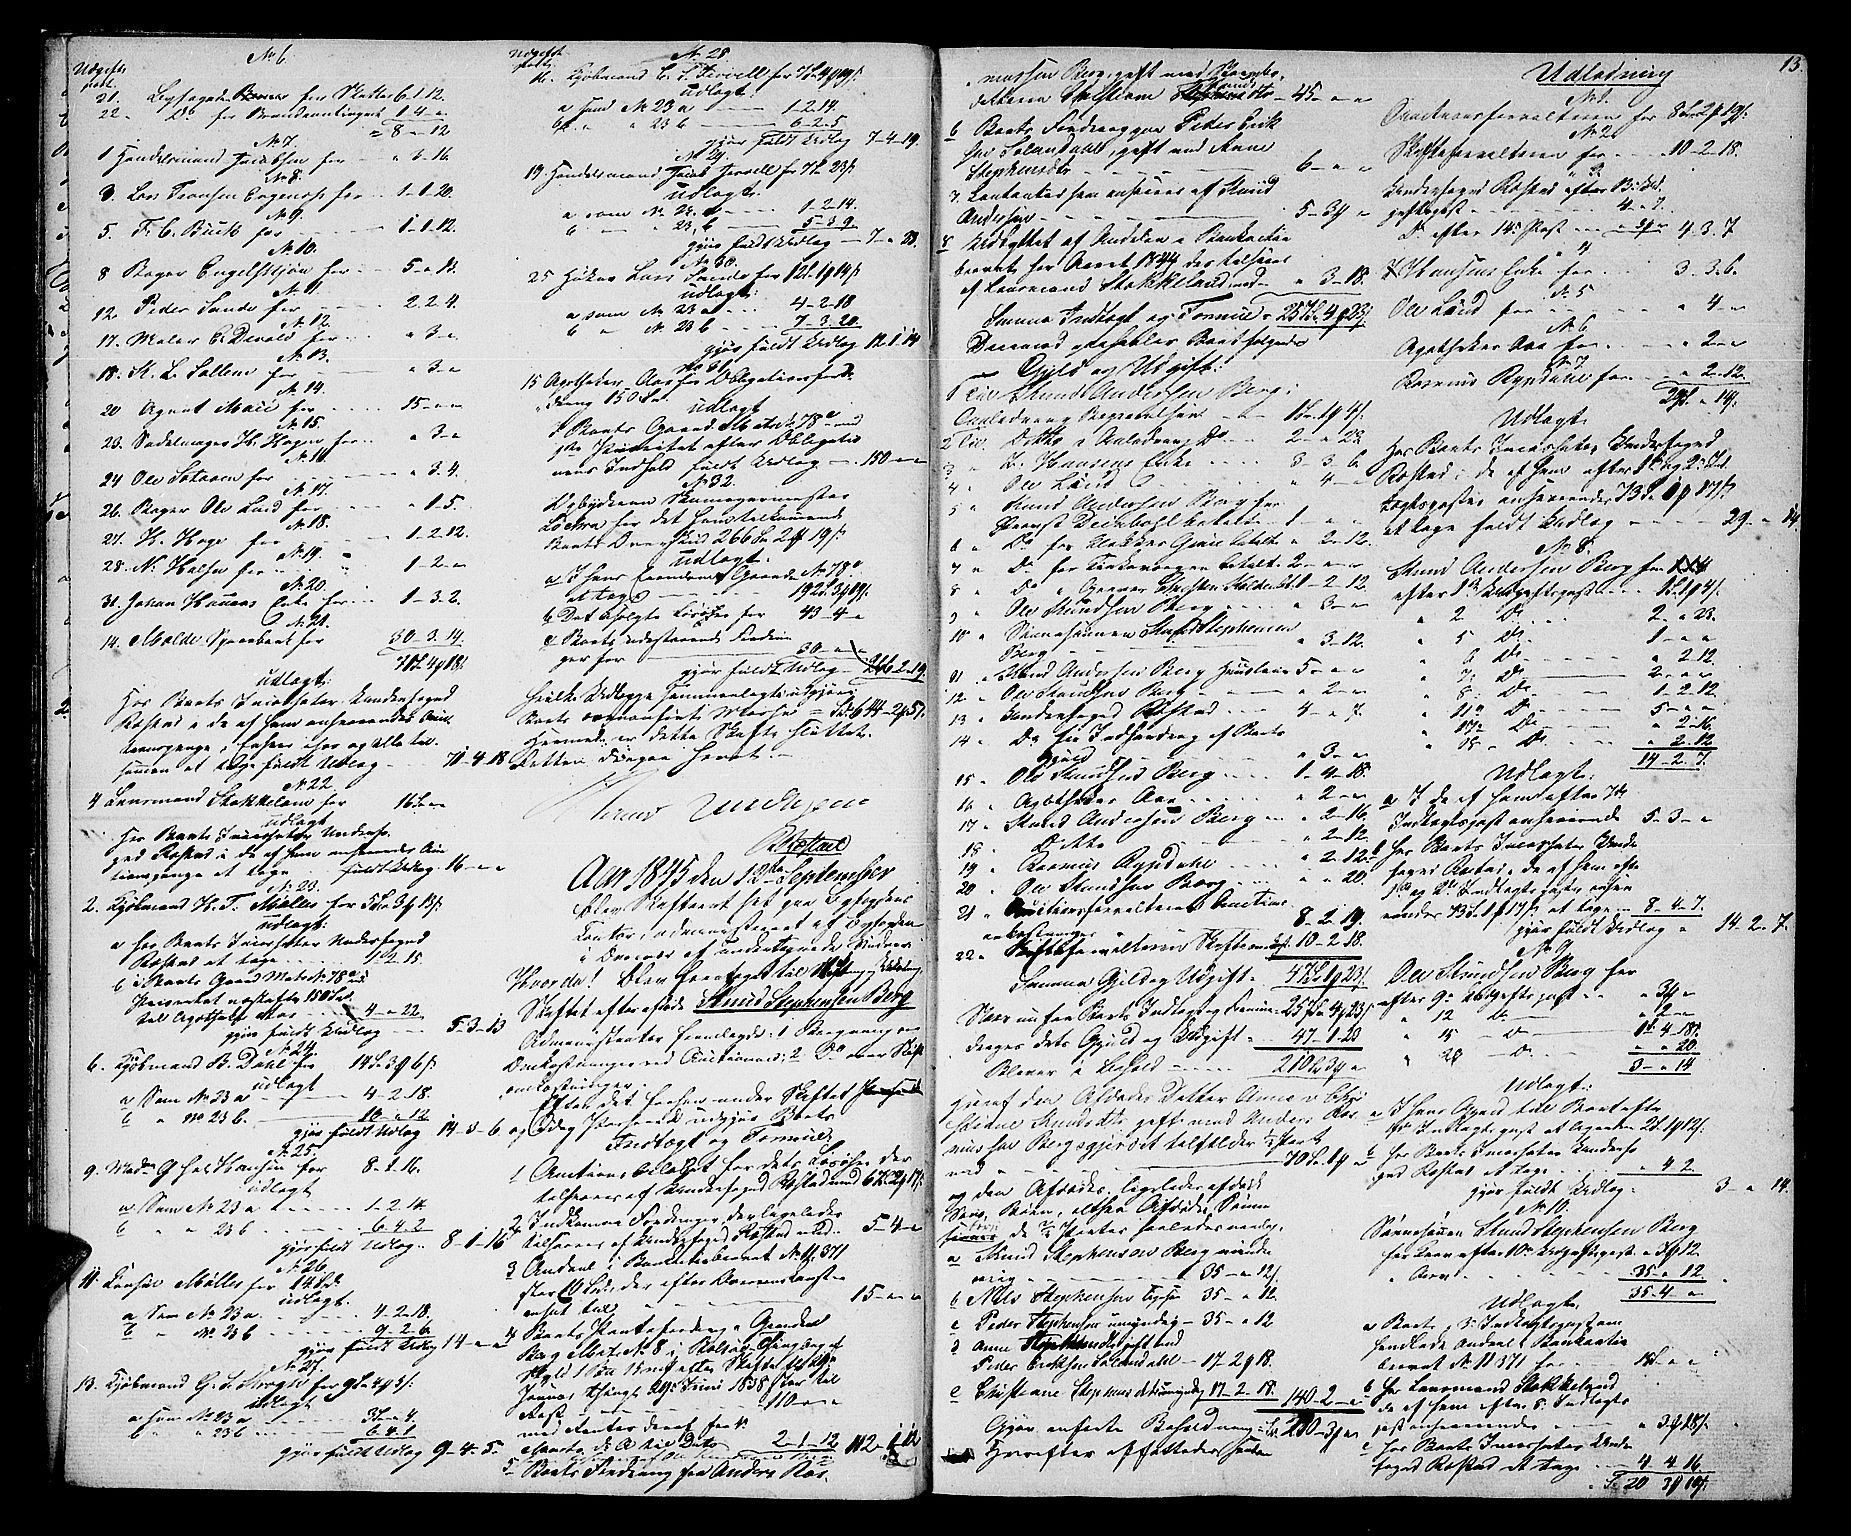 SAT, Molde byfogd, 3/3Ab/L0001: Skifteutlodningsprotokoll, 1842-1867, p. 13